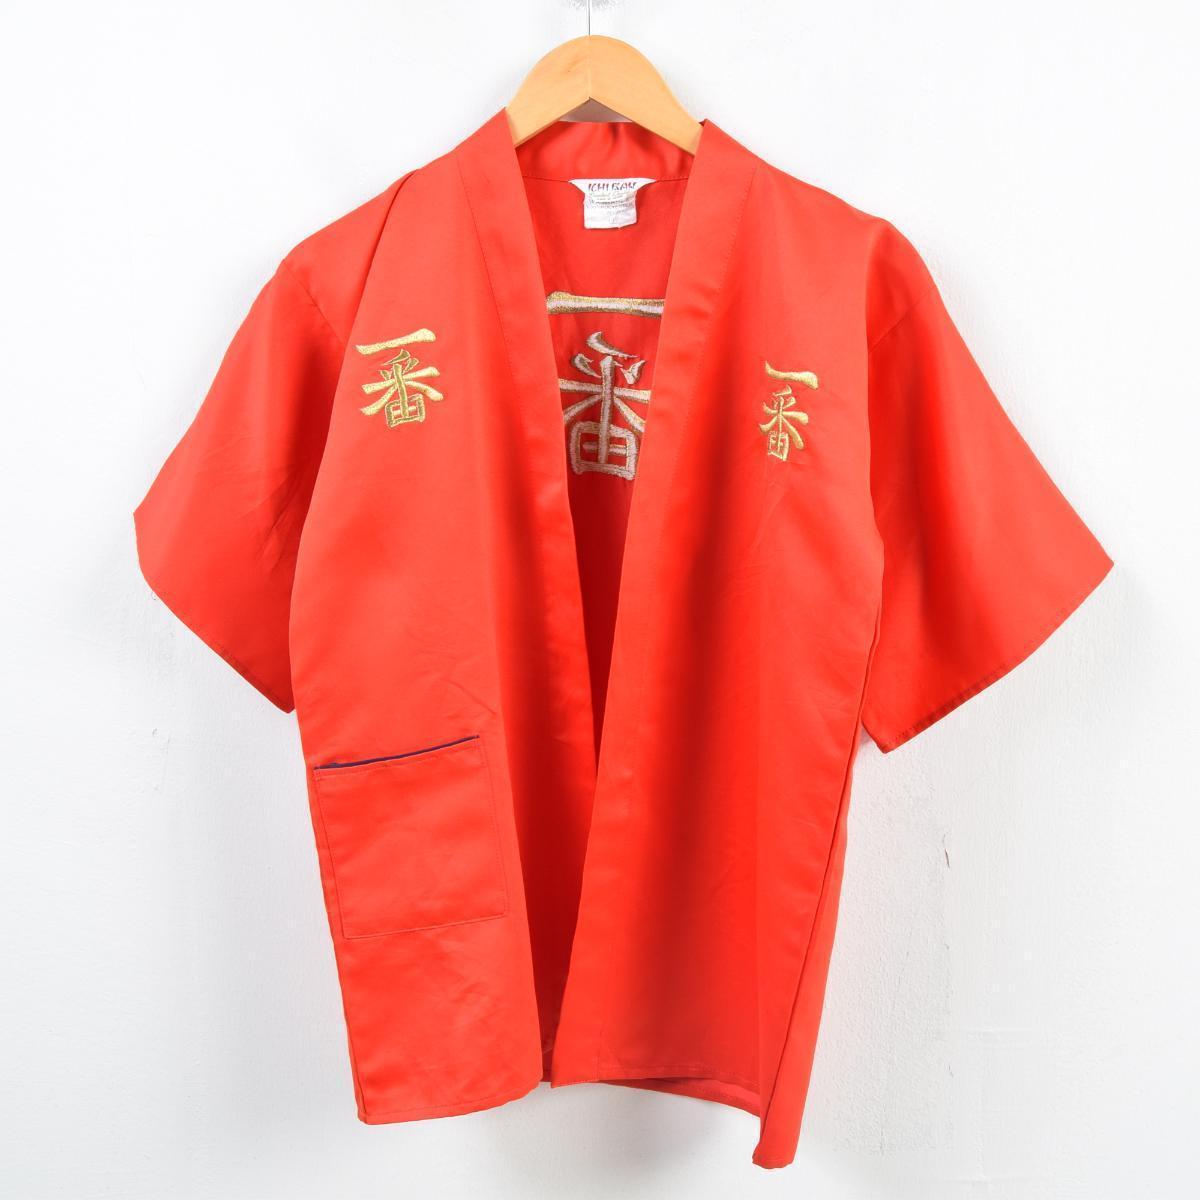 ICHIBAN 刺繍 サテン 羽織り レディースXS〜S /wbb3057 【中古】 【190204】